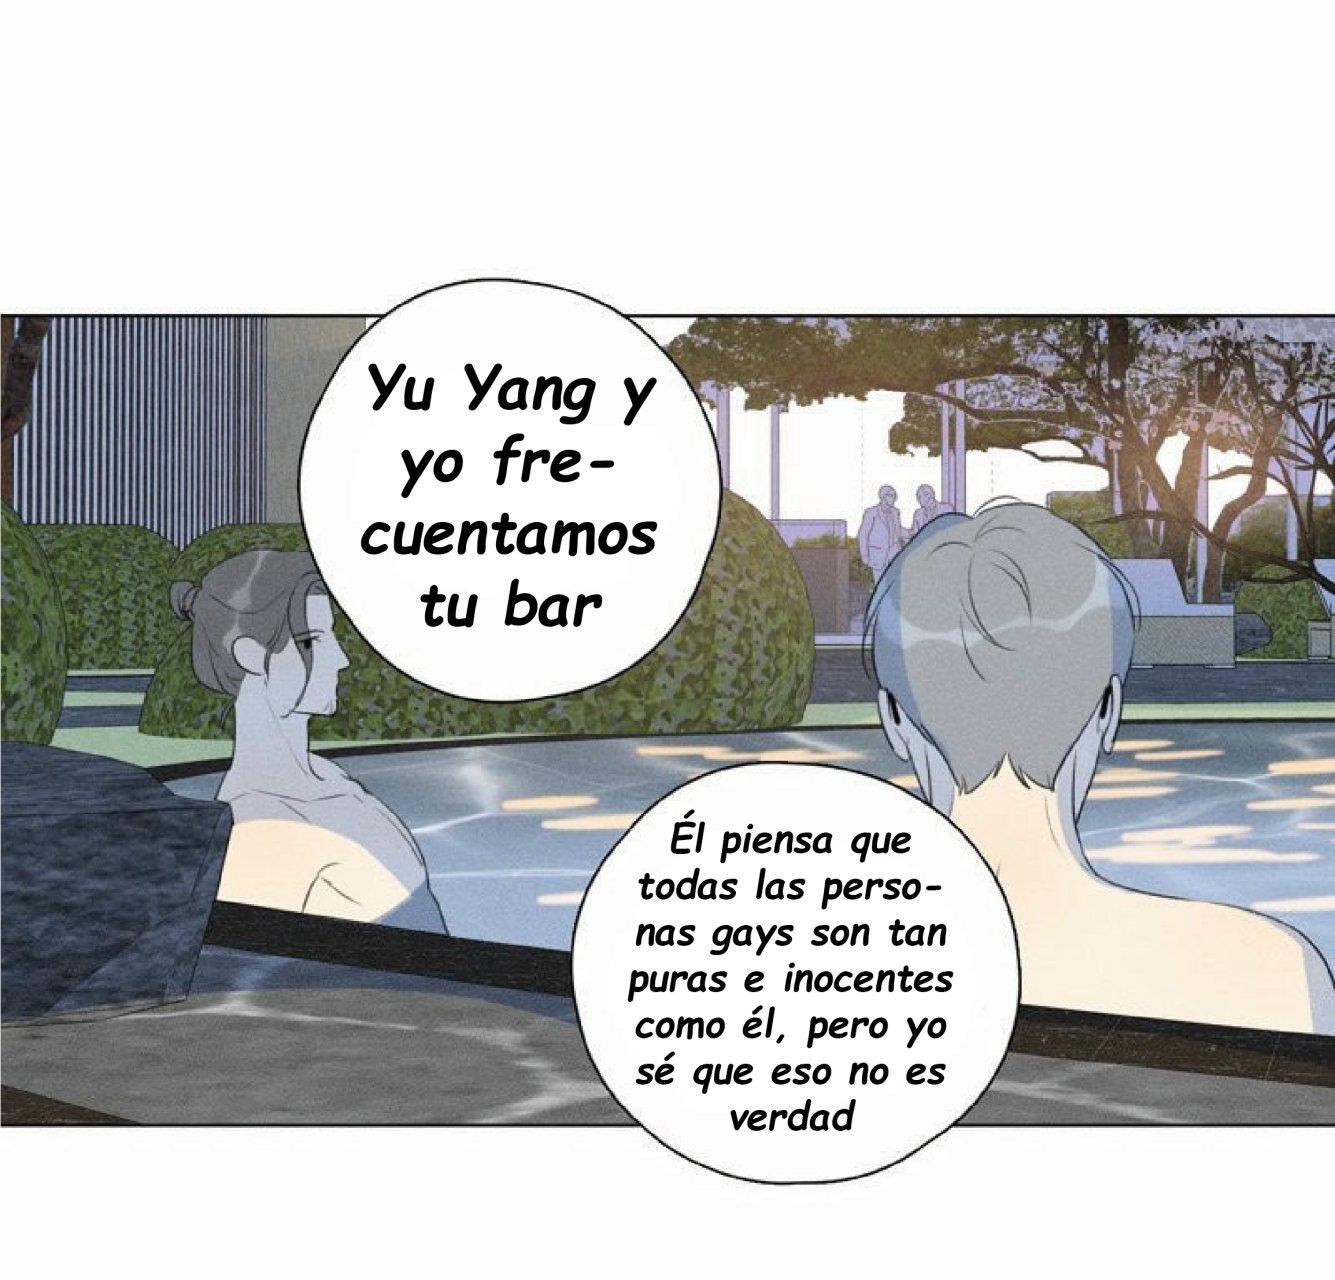 https://nine.mangadogs.com/es_manga/pic8/29/24925/957375/afbc32e57e872cc3ecfa37b1bbae5ceb.jpg Page 12